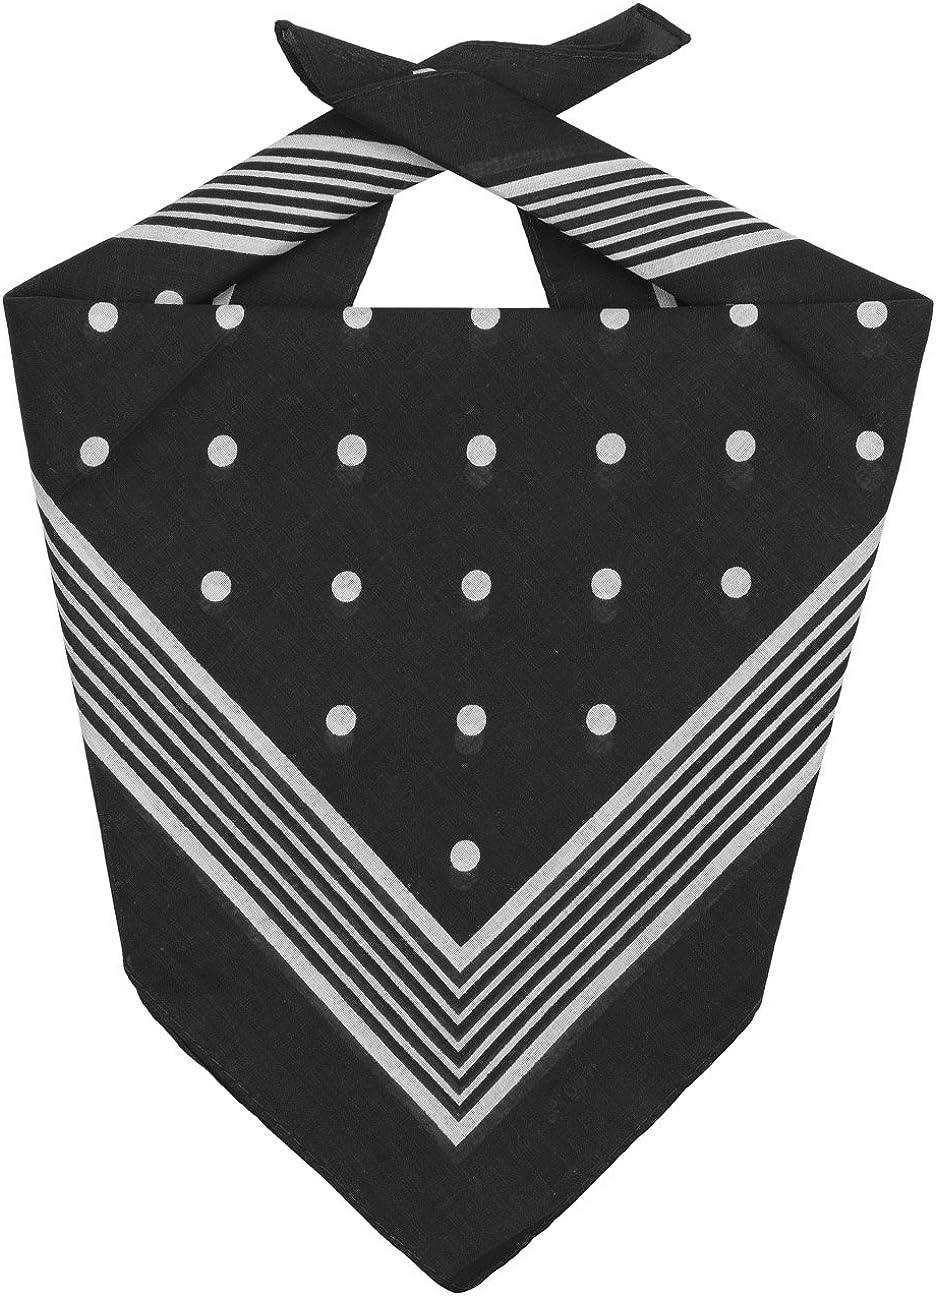 Lipodo Dots Bandana Halstuch Kopftuch Stirnband Schal Gesichtsschutz f/ür Damen und Herren Kinder Winter Sommer